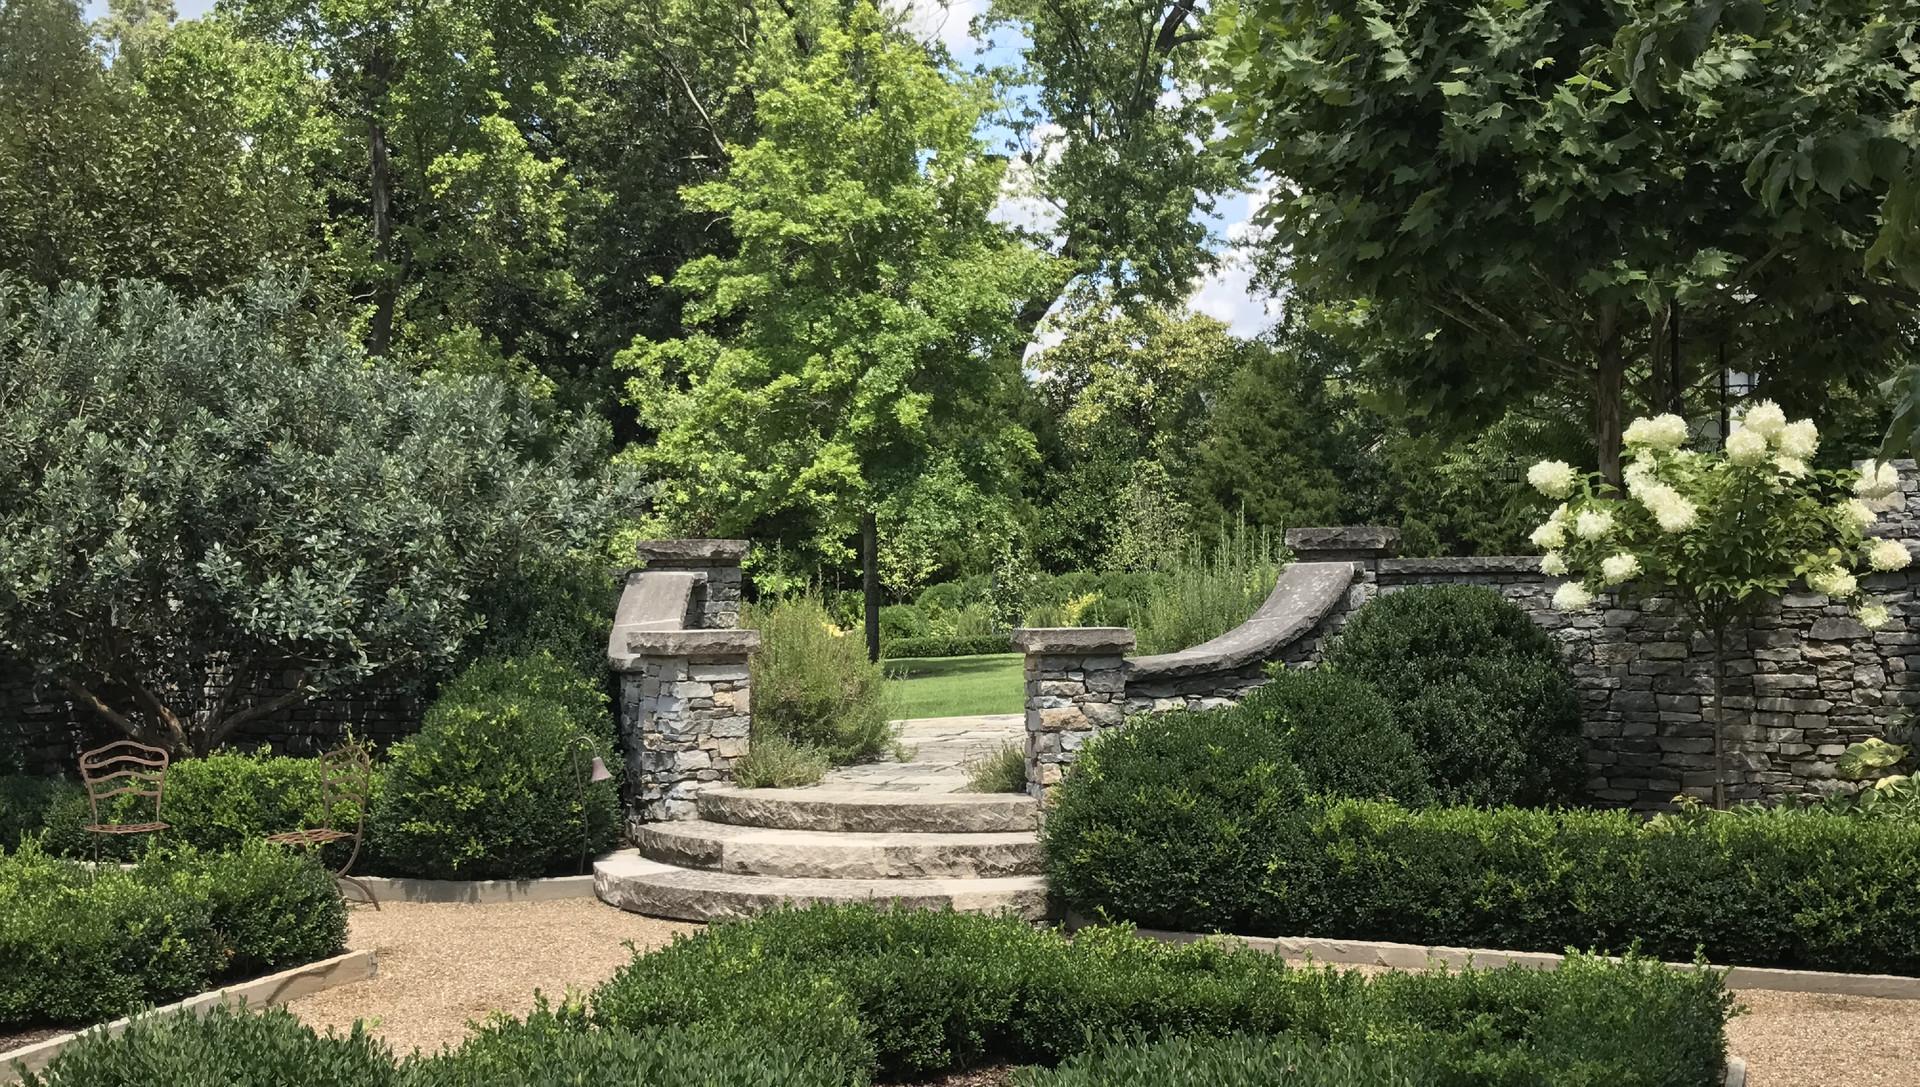 Parterre Garden Steps